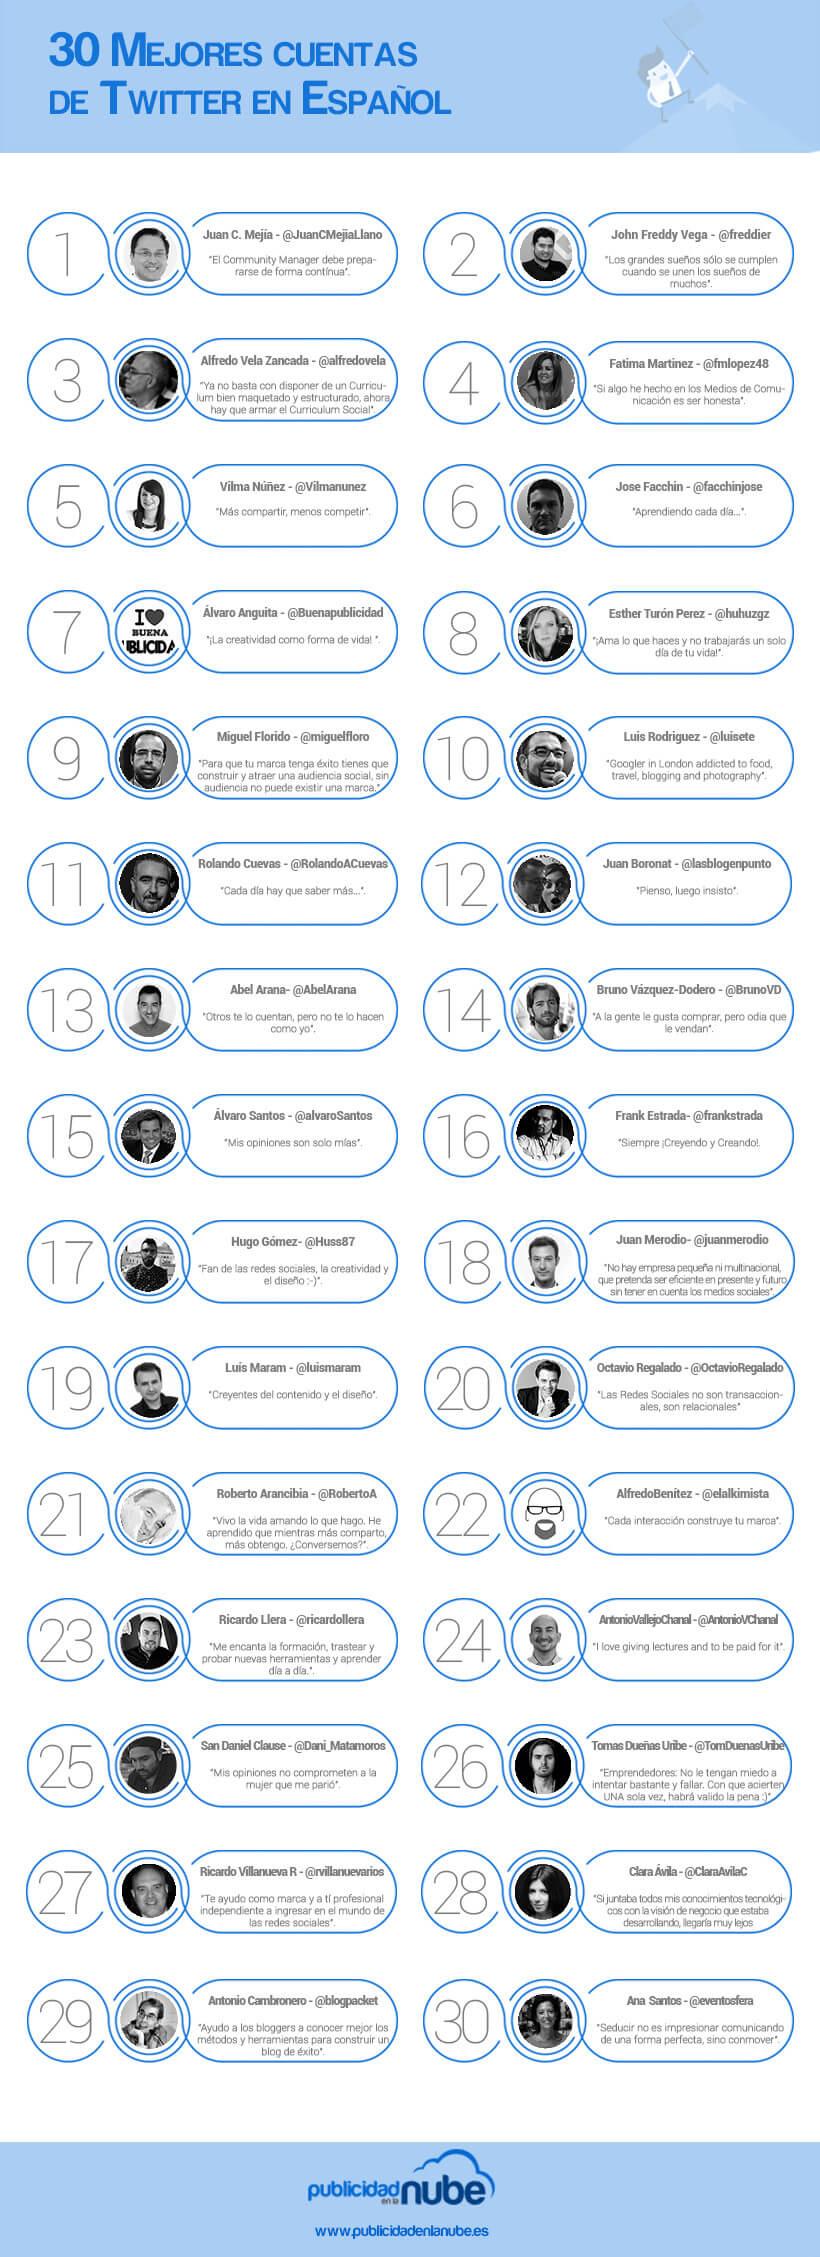 Mejores cuentas twitter en Español